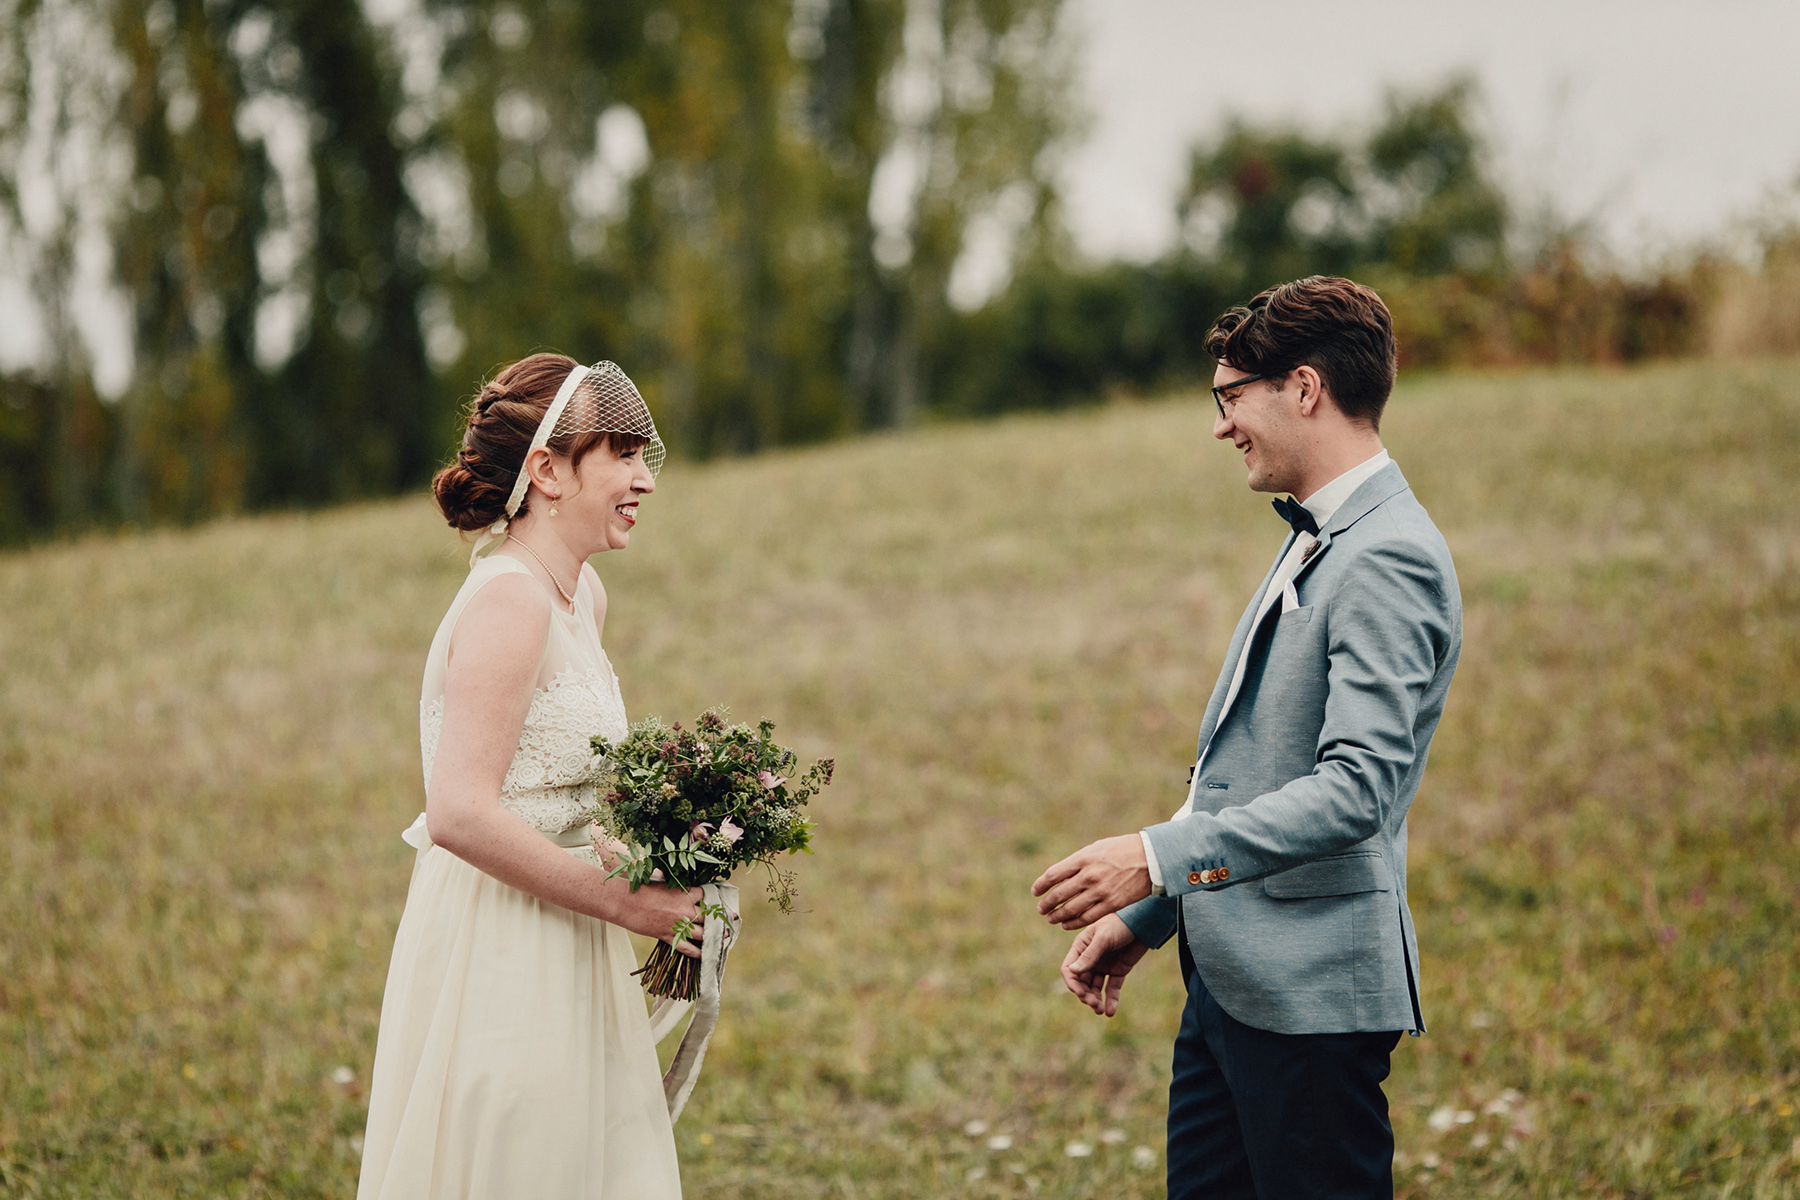 Glenrosa-Farms-Wedding-Photos-0188.jpg